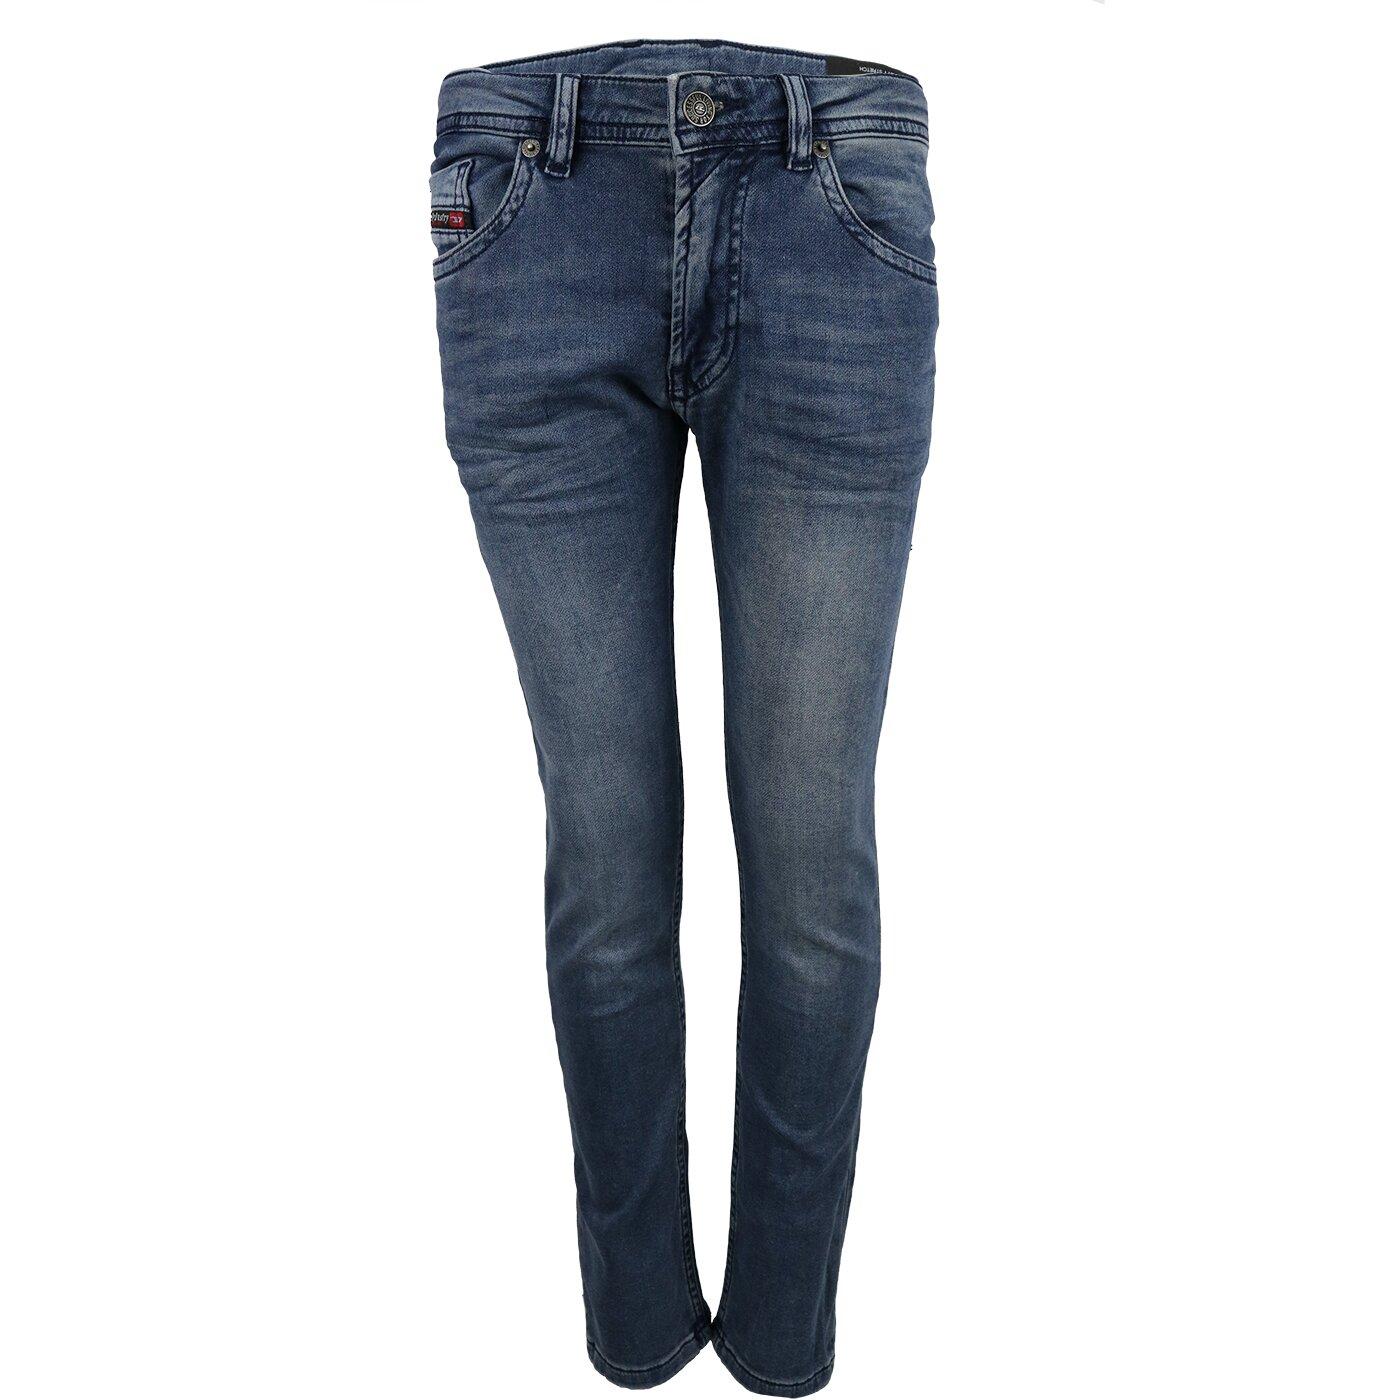 Diesel Thommer joggJeans Blue